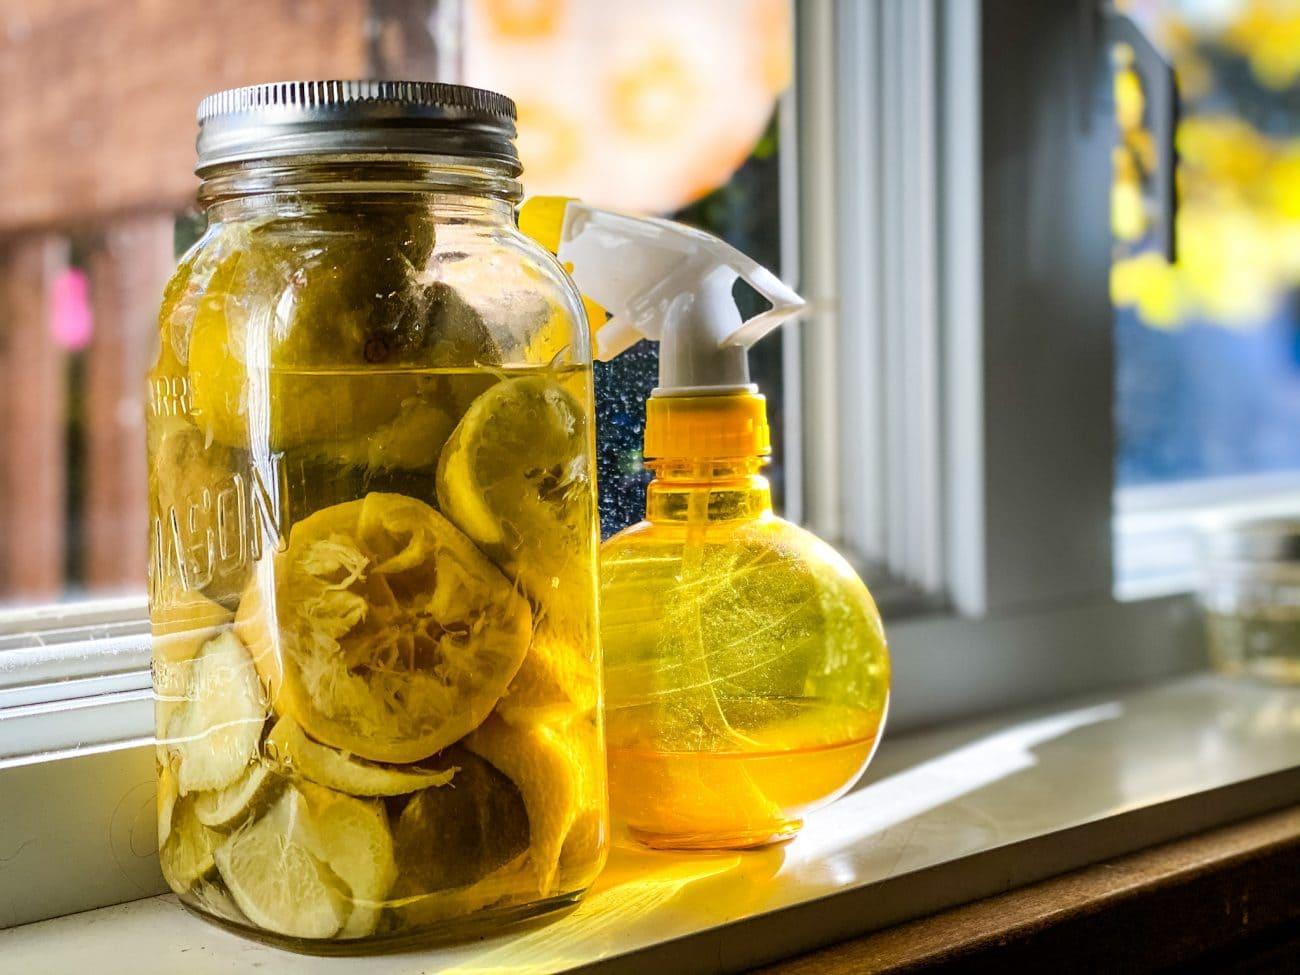 Comment faire son propre nettoyant écologique - recette nettoyant naturel maison | Recettes ...